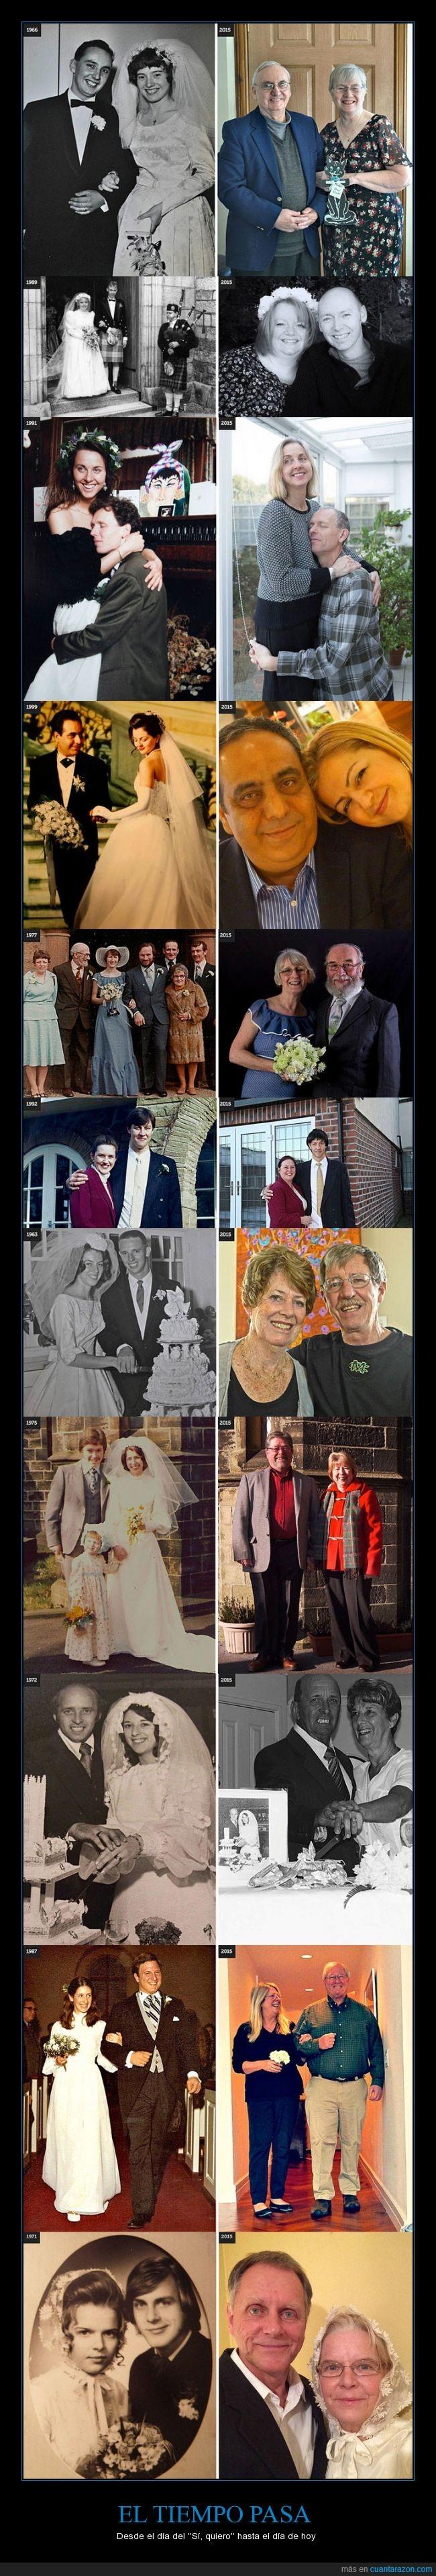 actualidad,amor,boda,casarse,evolucion,juntos,matrimonio,novios,pareja,tiempo